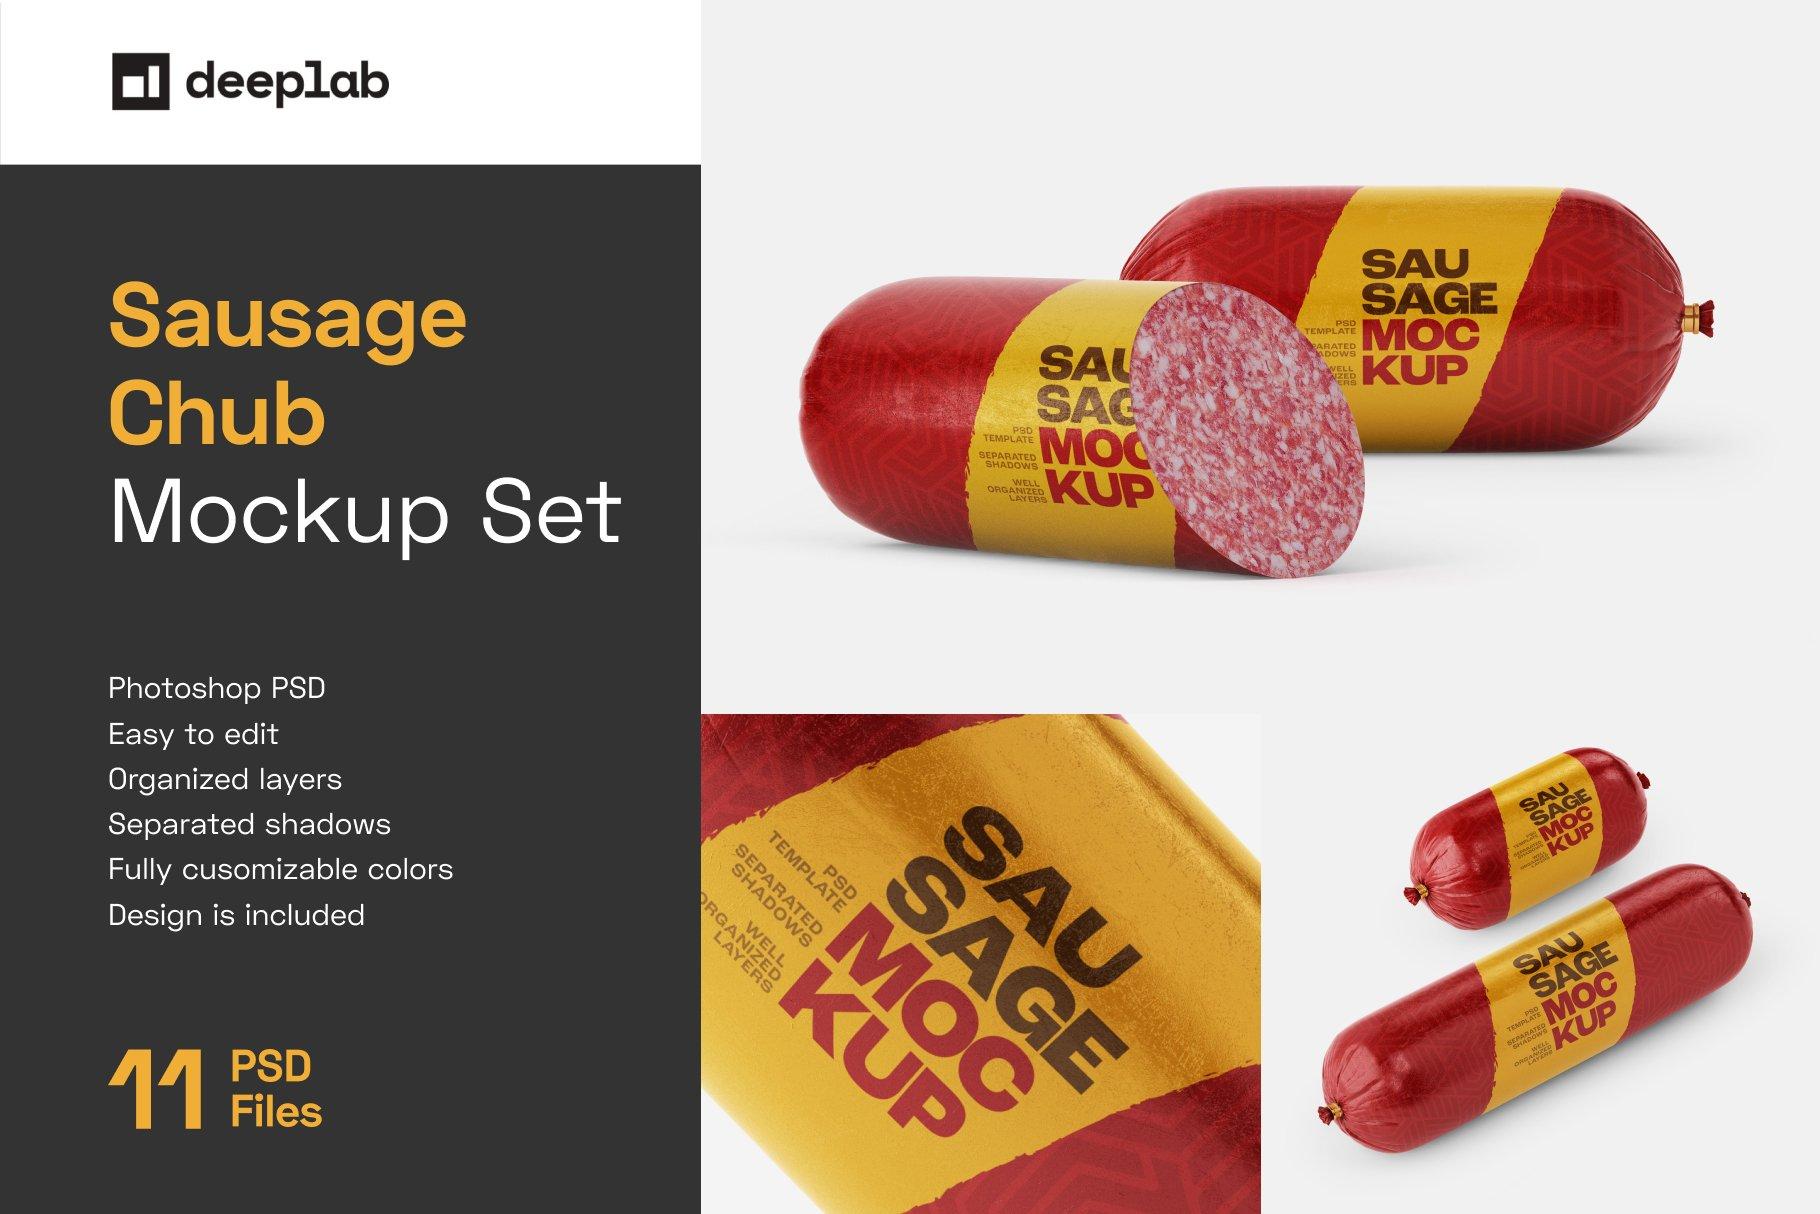 11款火腿肠香肠密封塑料袋设计展示贴图样机合集 Sausage Chub Mockup Set插图